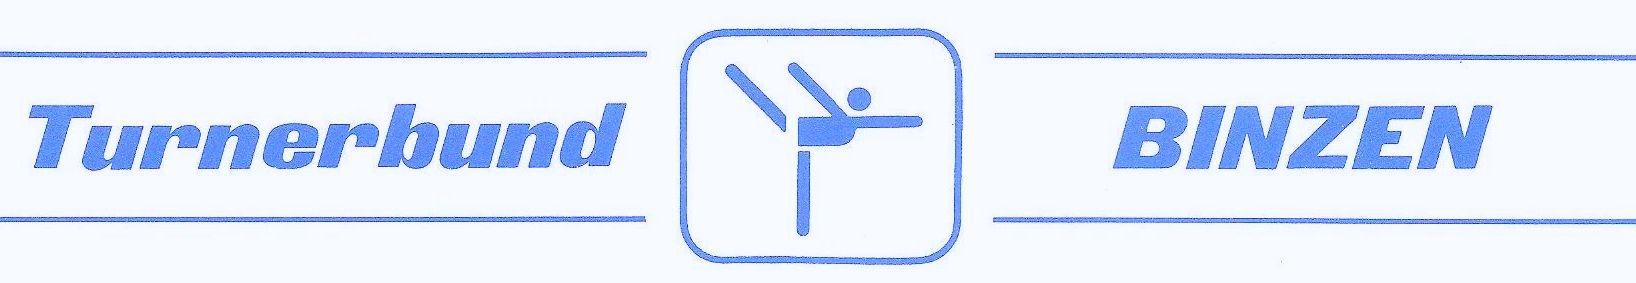 Turnerbund Binzen 1981 e.V.